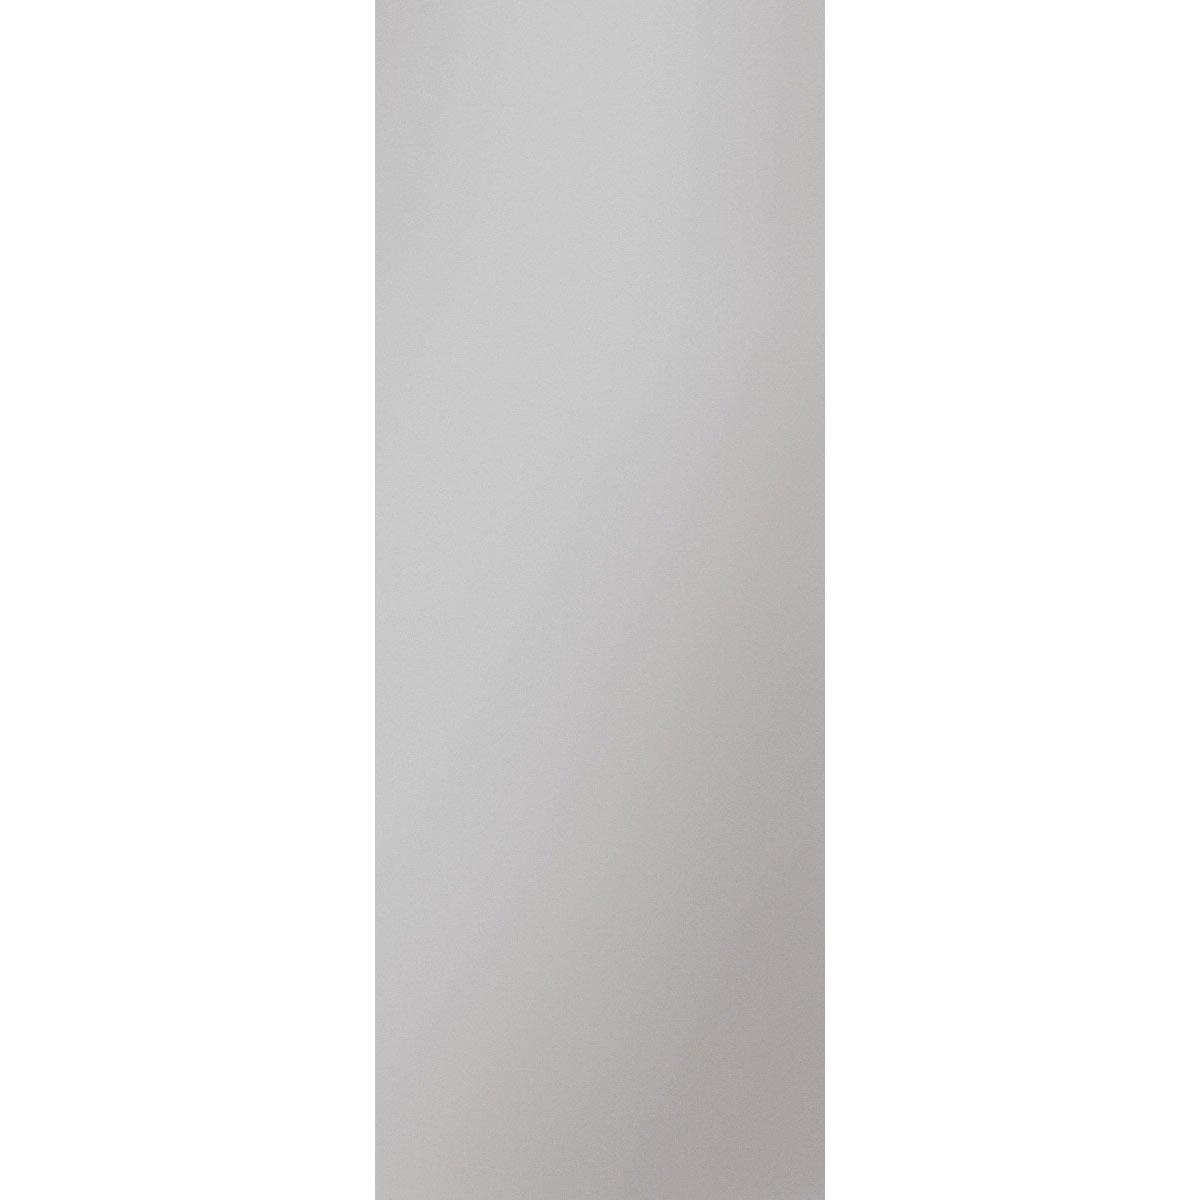 verre imprim memoboard gris x cm leroy merlin. Black Bedroom Furniture Sets. Home Design Ideas